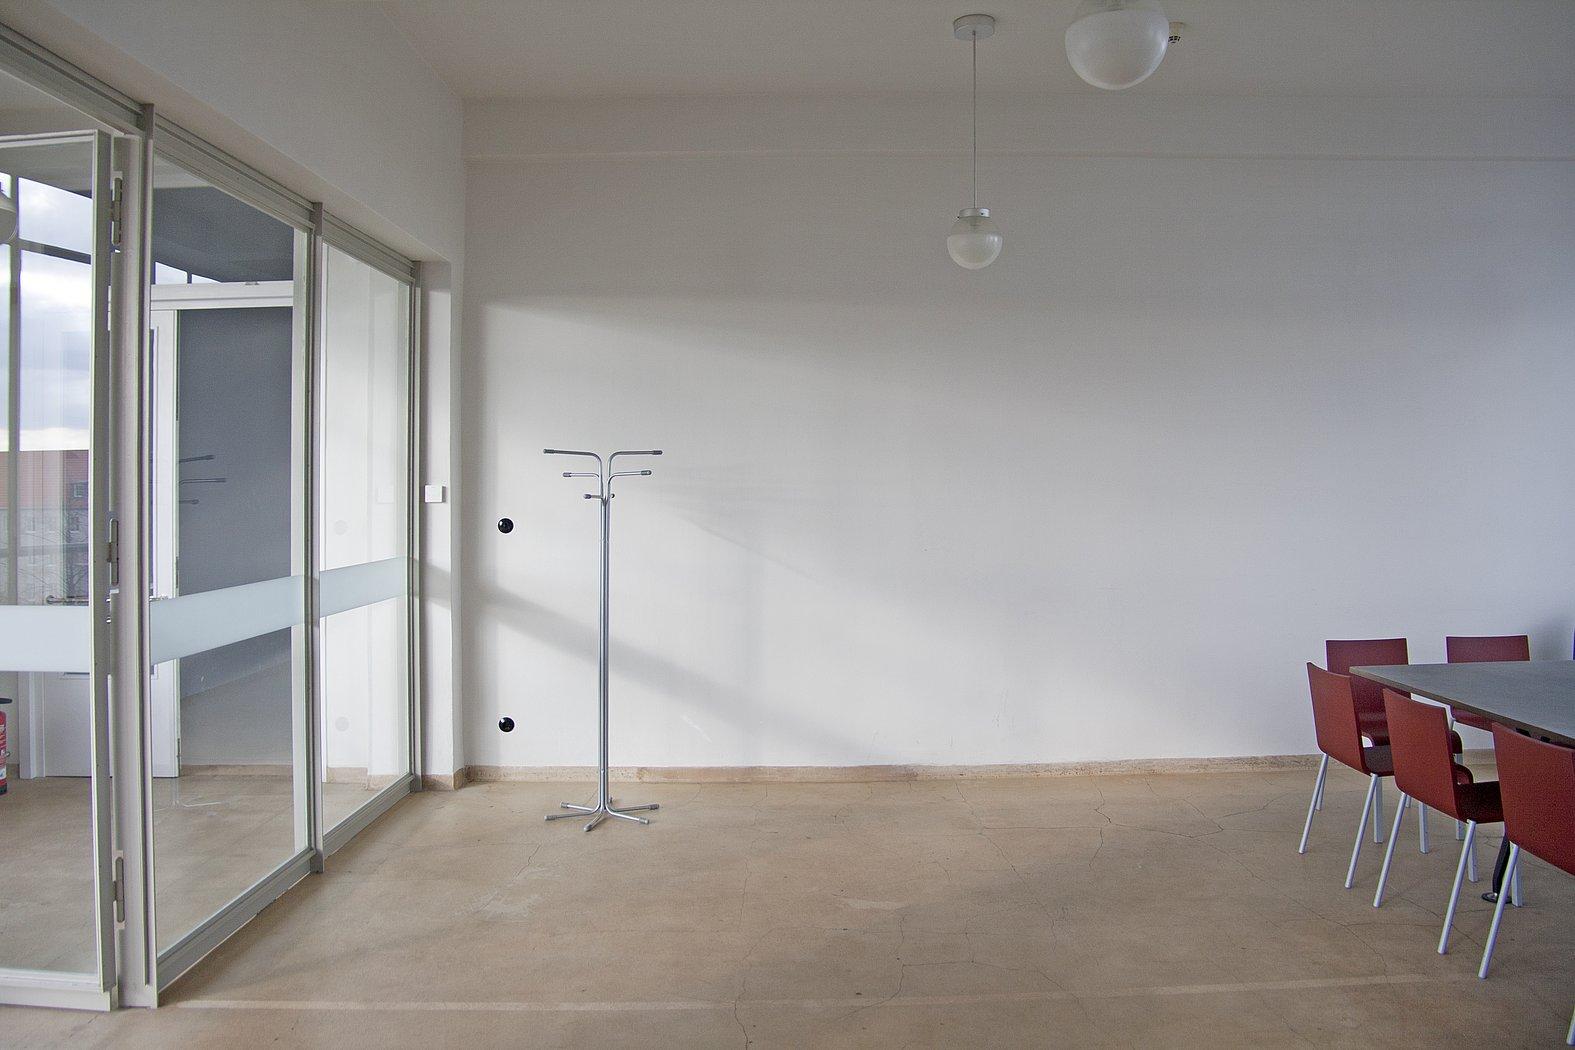 das bauhaus als ort f r ihre veranstaltung r ume mieten stiftung bauhaus dessau bauhaus. Black Bedroom Furniture Sets. Home Design Ideas